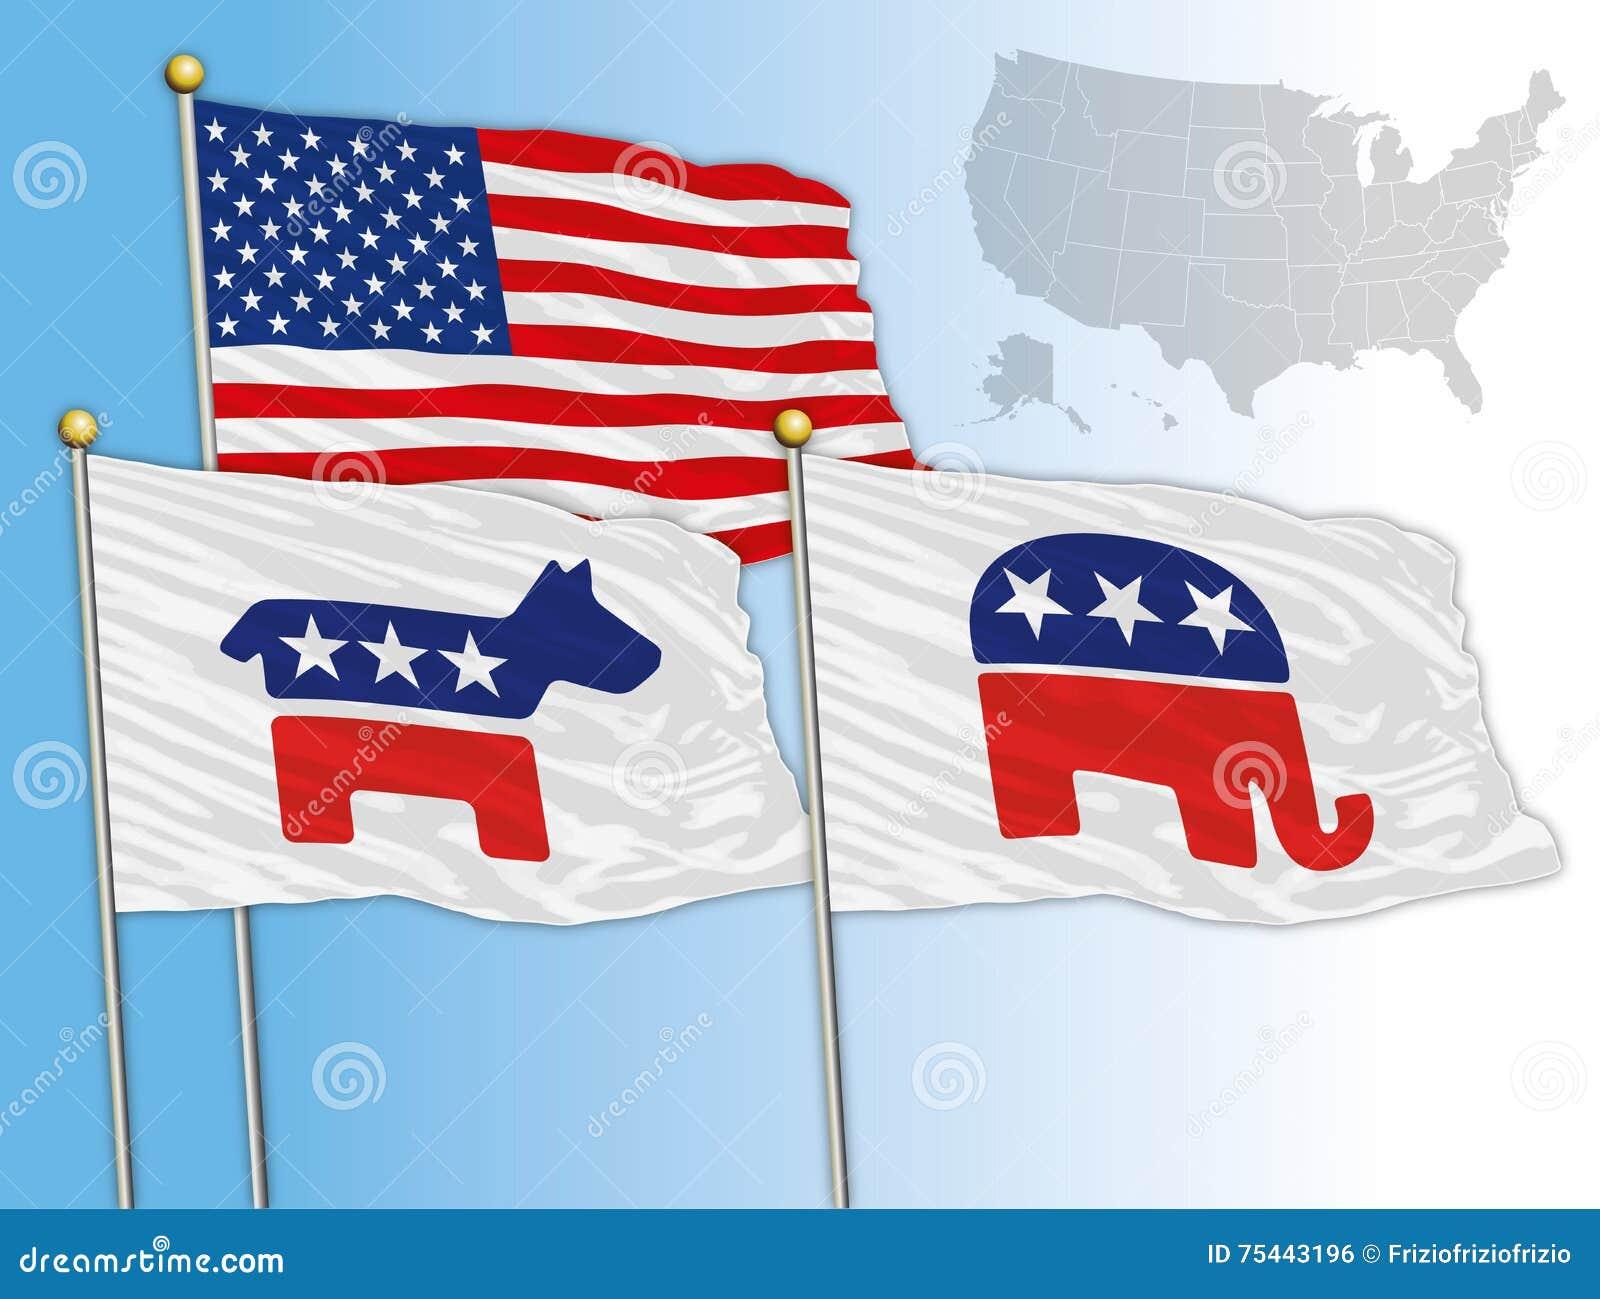 Les etats unis ann e 2016 drapeaux avec des symboles du democratic et r publicain u s - Election presidentielle etats unis ...